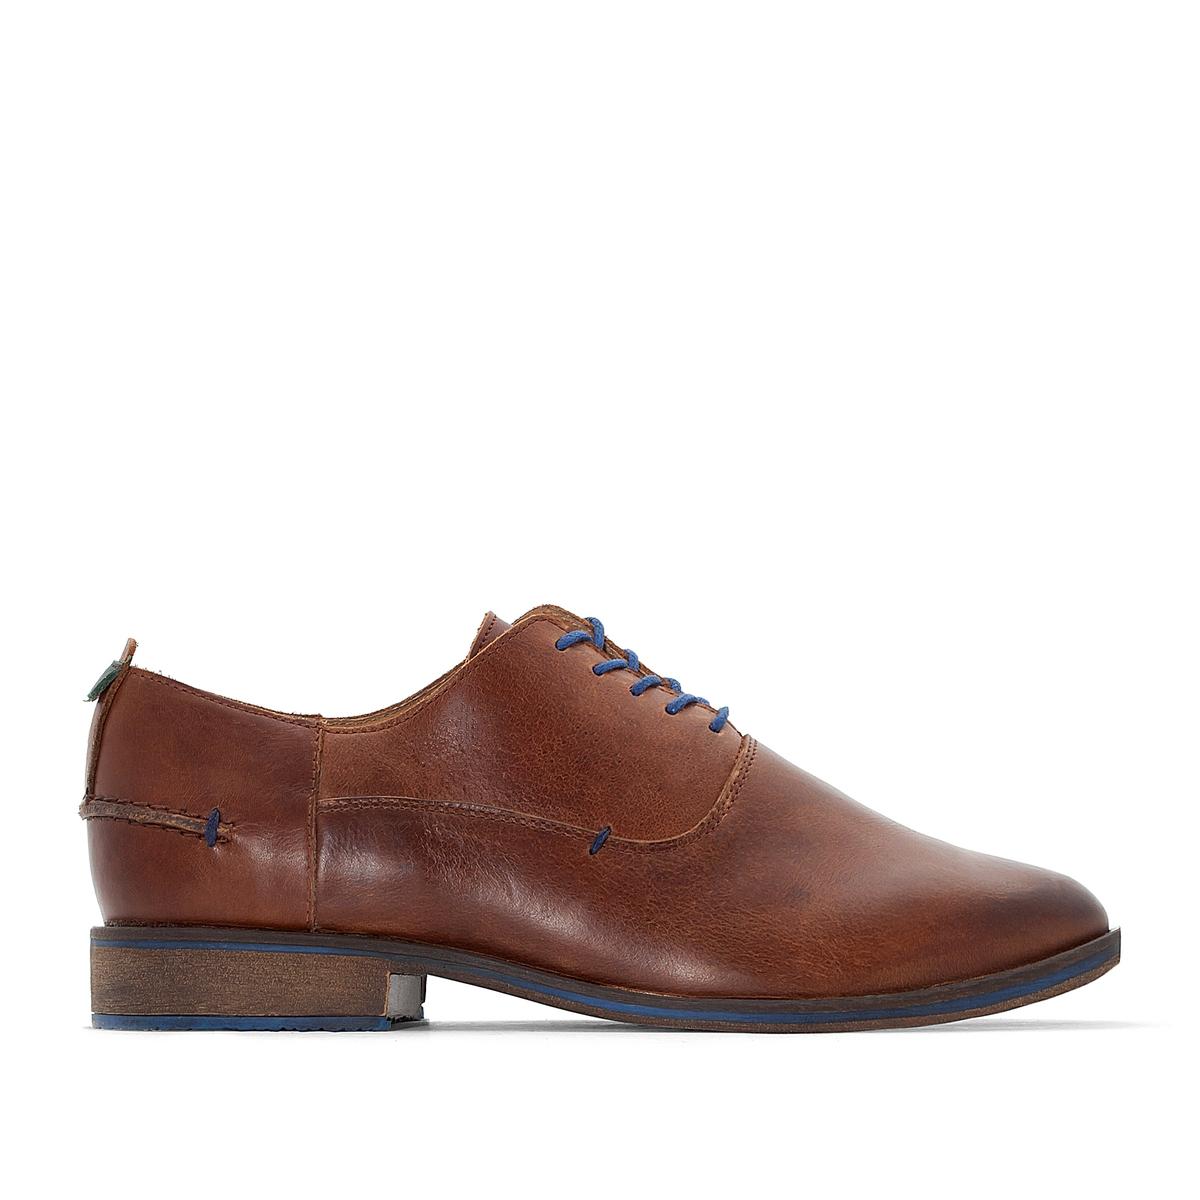 Ботинки-дерби кожаные DARUBB ботинки дерби под кожу питона